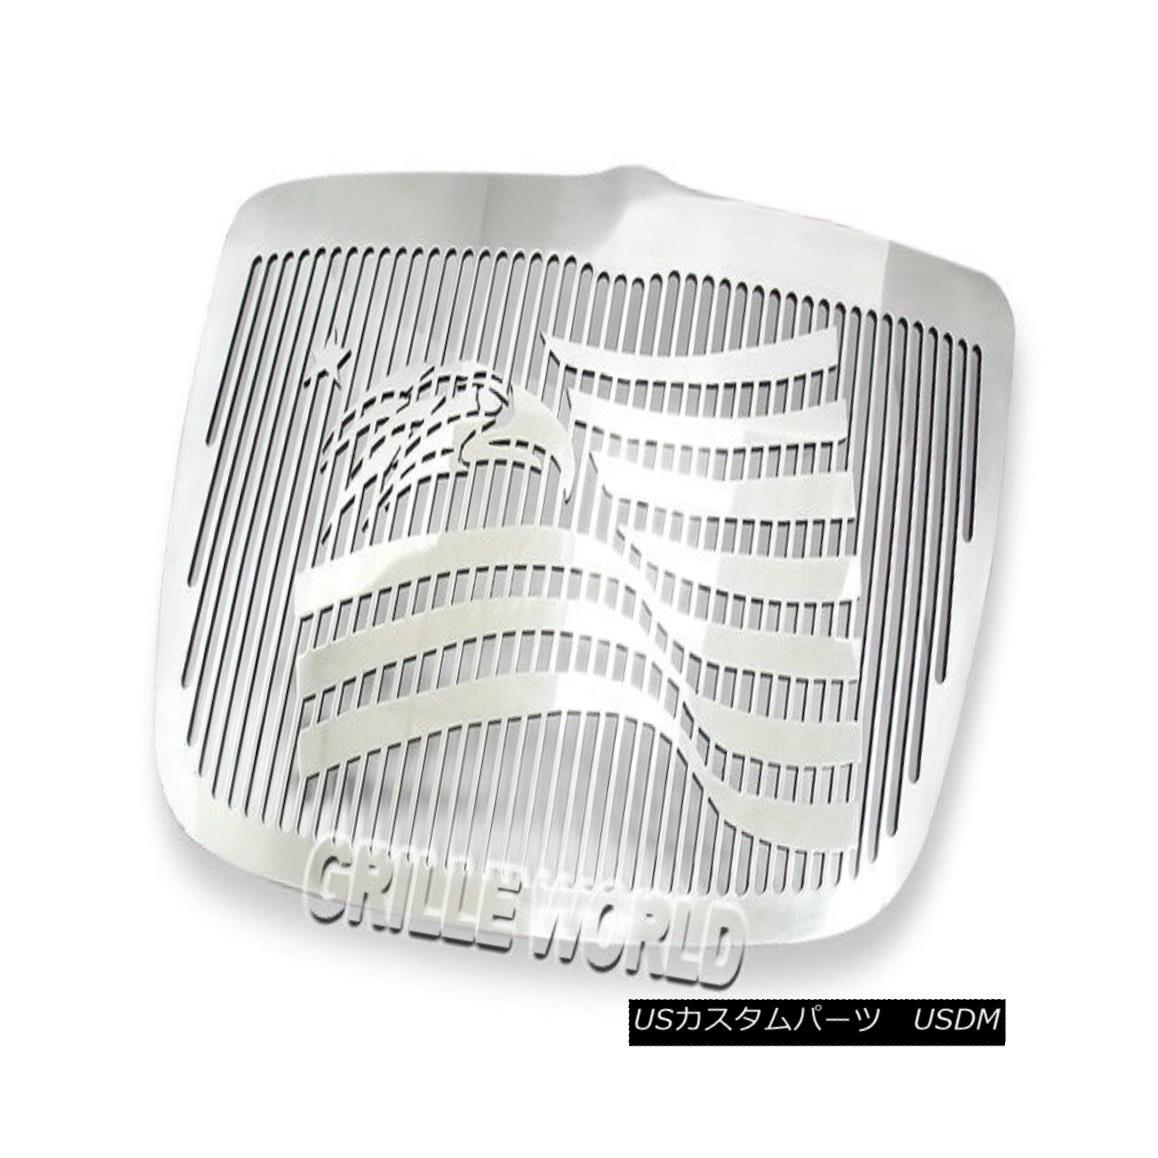 グリル Customized For 05-10 Chrysler 300/300C Symbolic Premium Grille Insert 05-10クライスラー300 / 300Cシンボリックプレミアムグリルインサート用にカスタマイズ